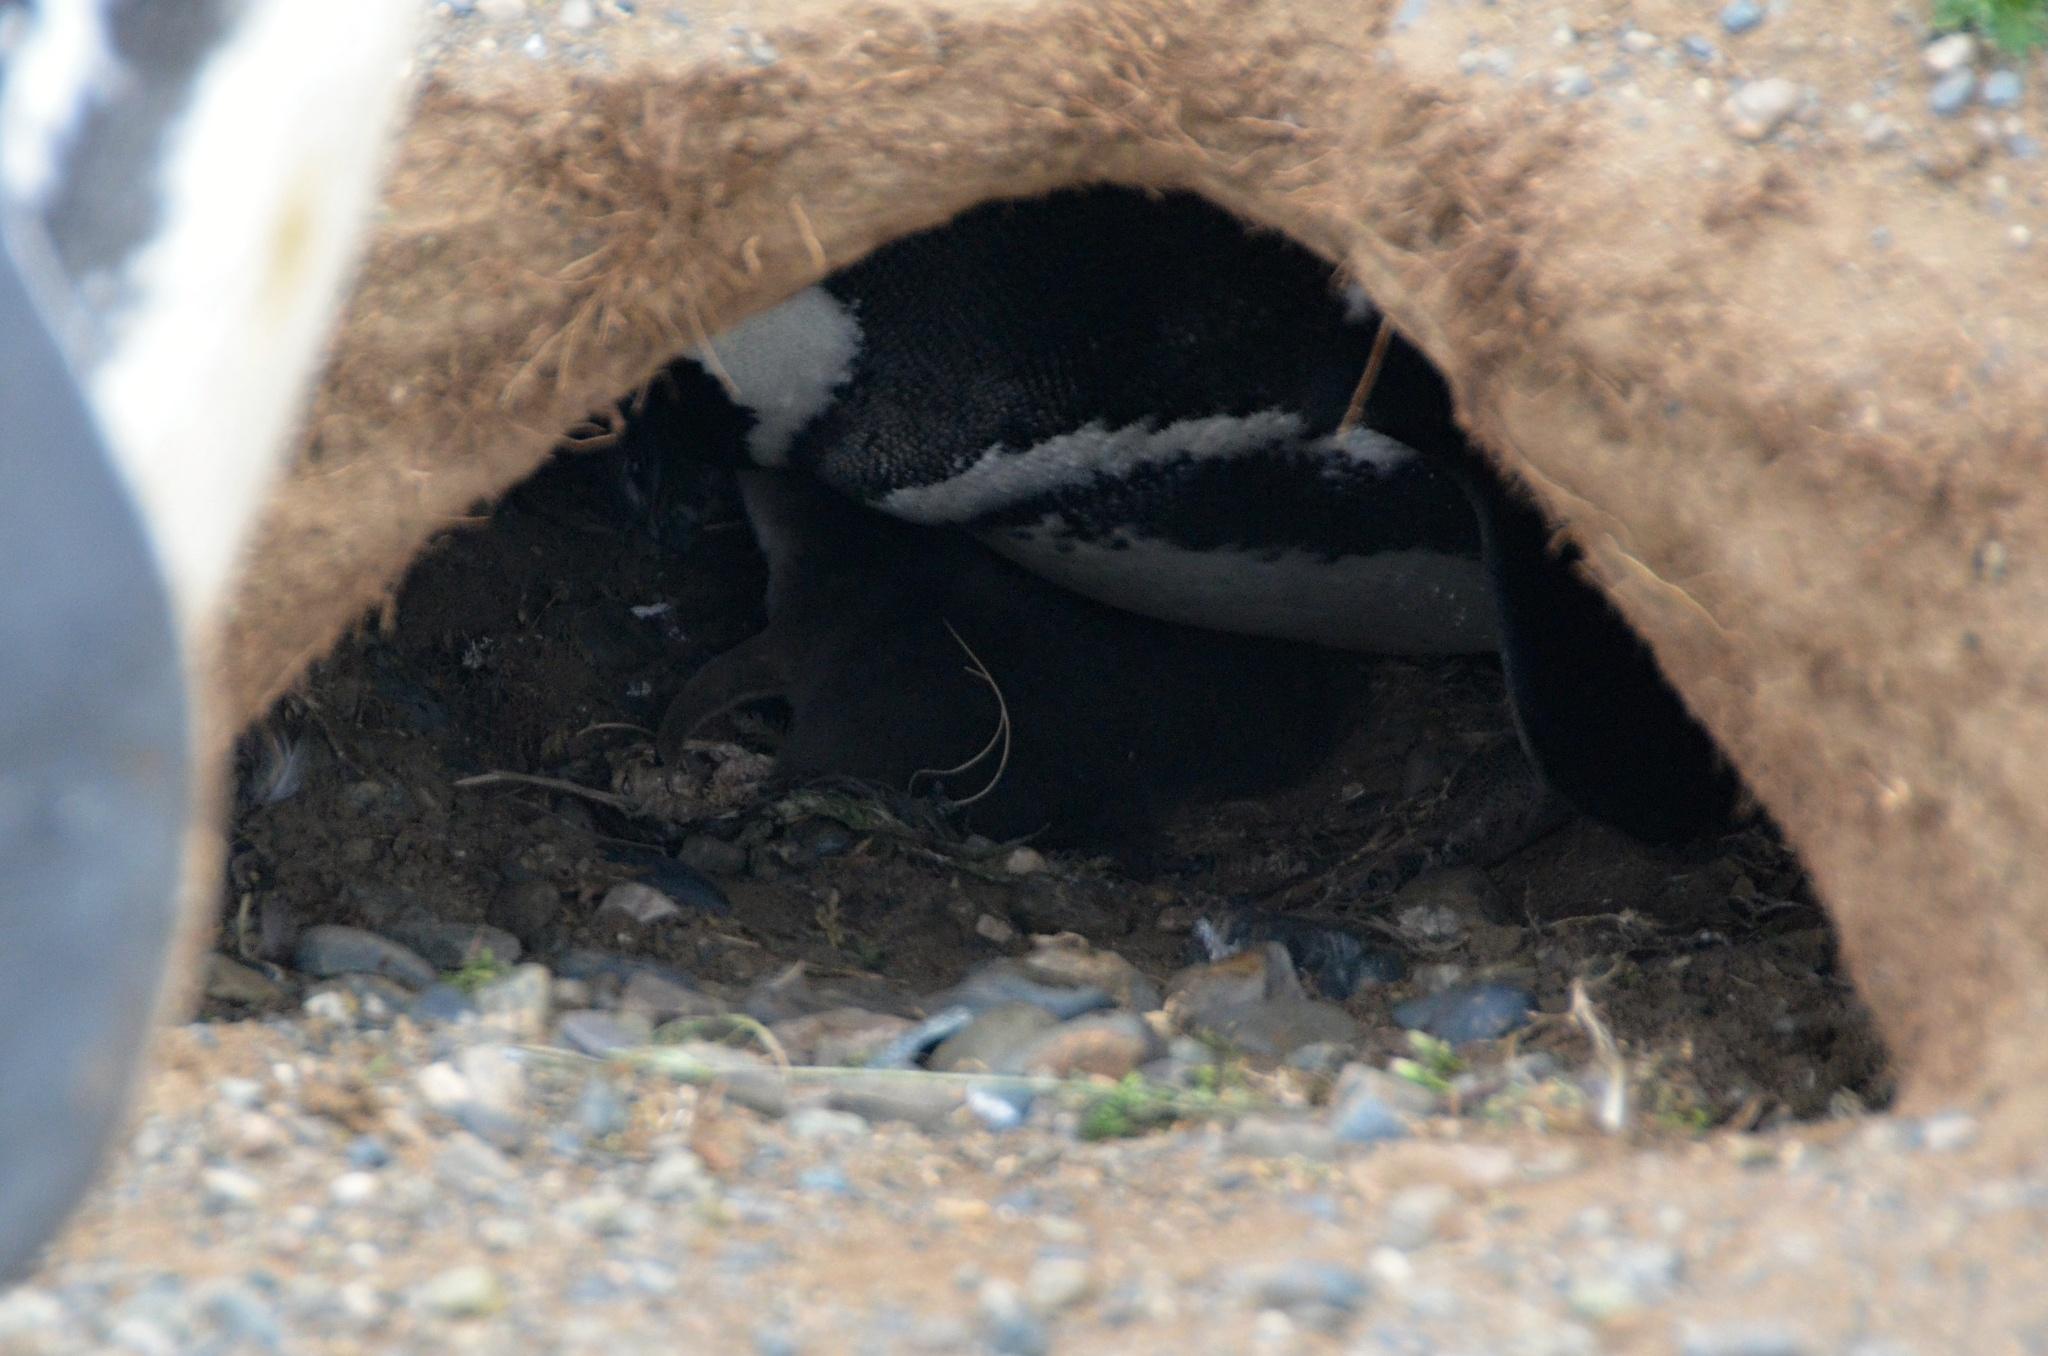 Když se dobře podíváte, uvidíte miminko tučňáka